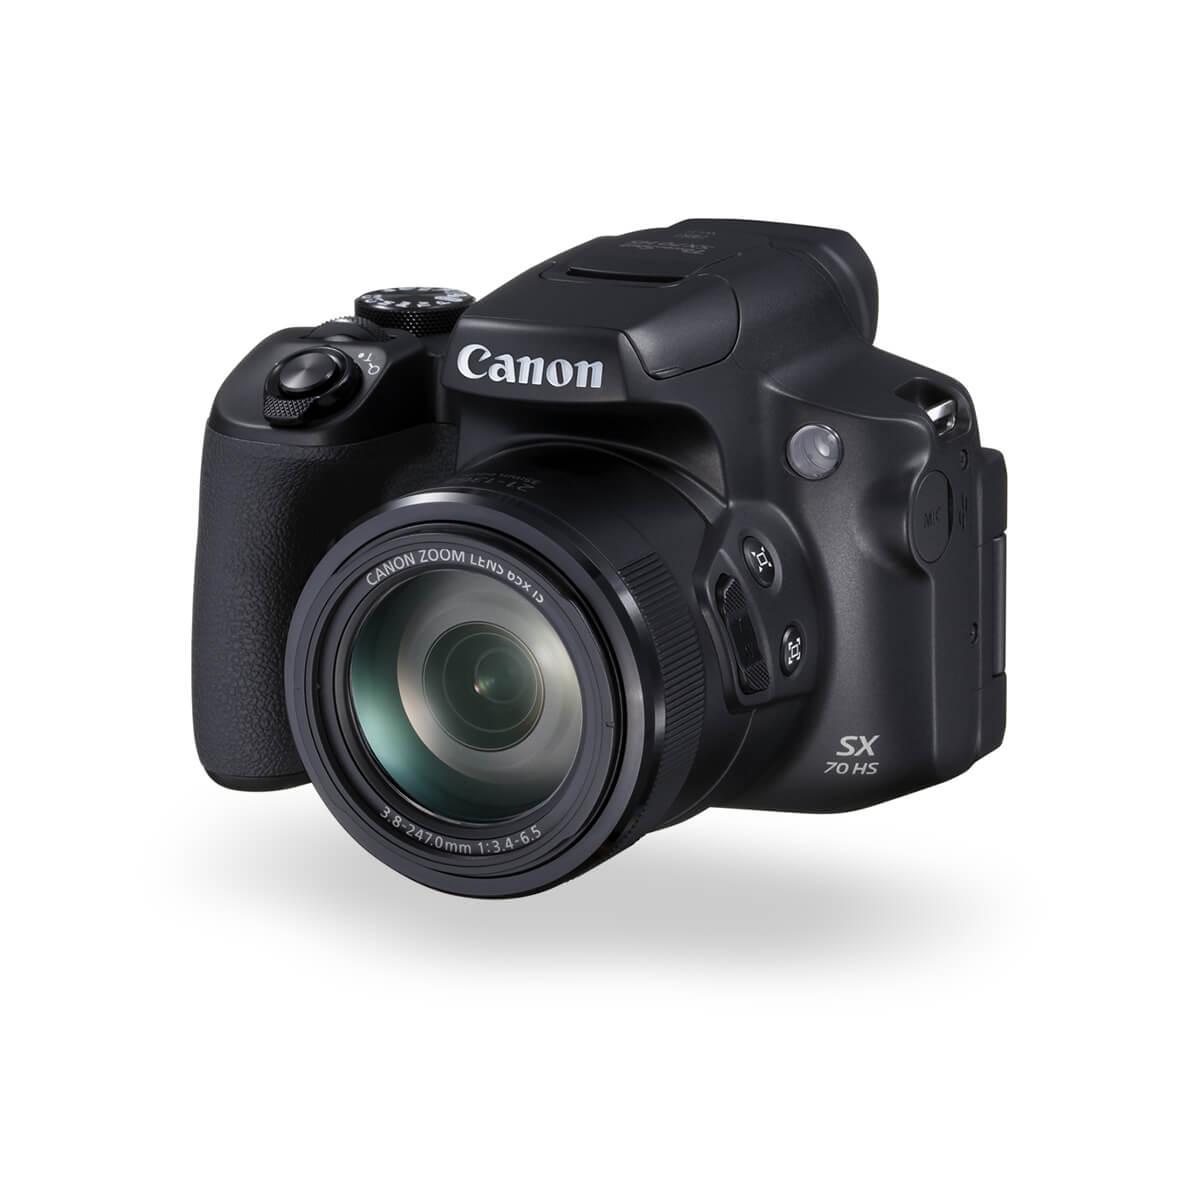 3. Canon PowerShot SX70 HS